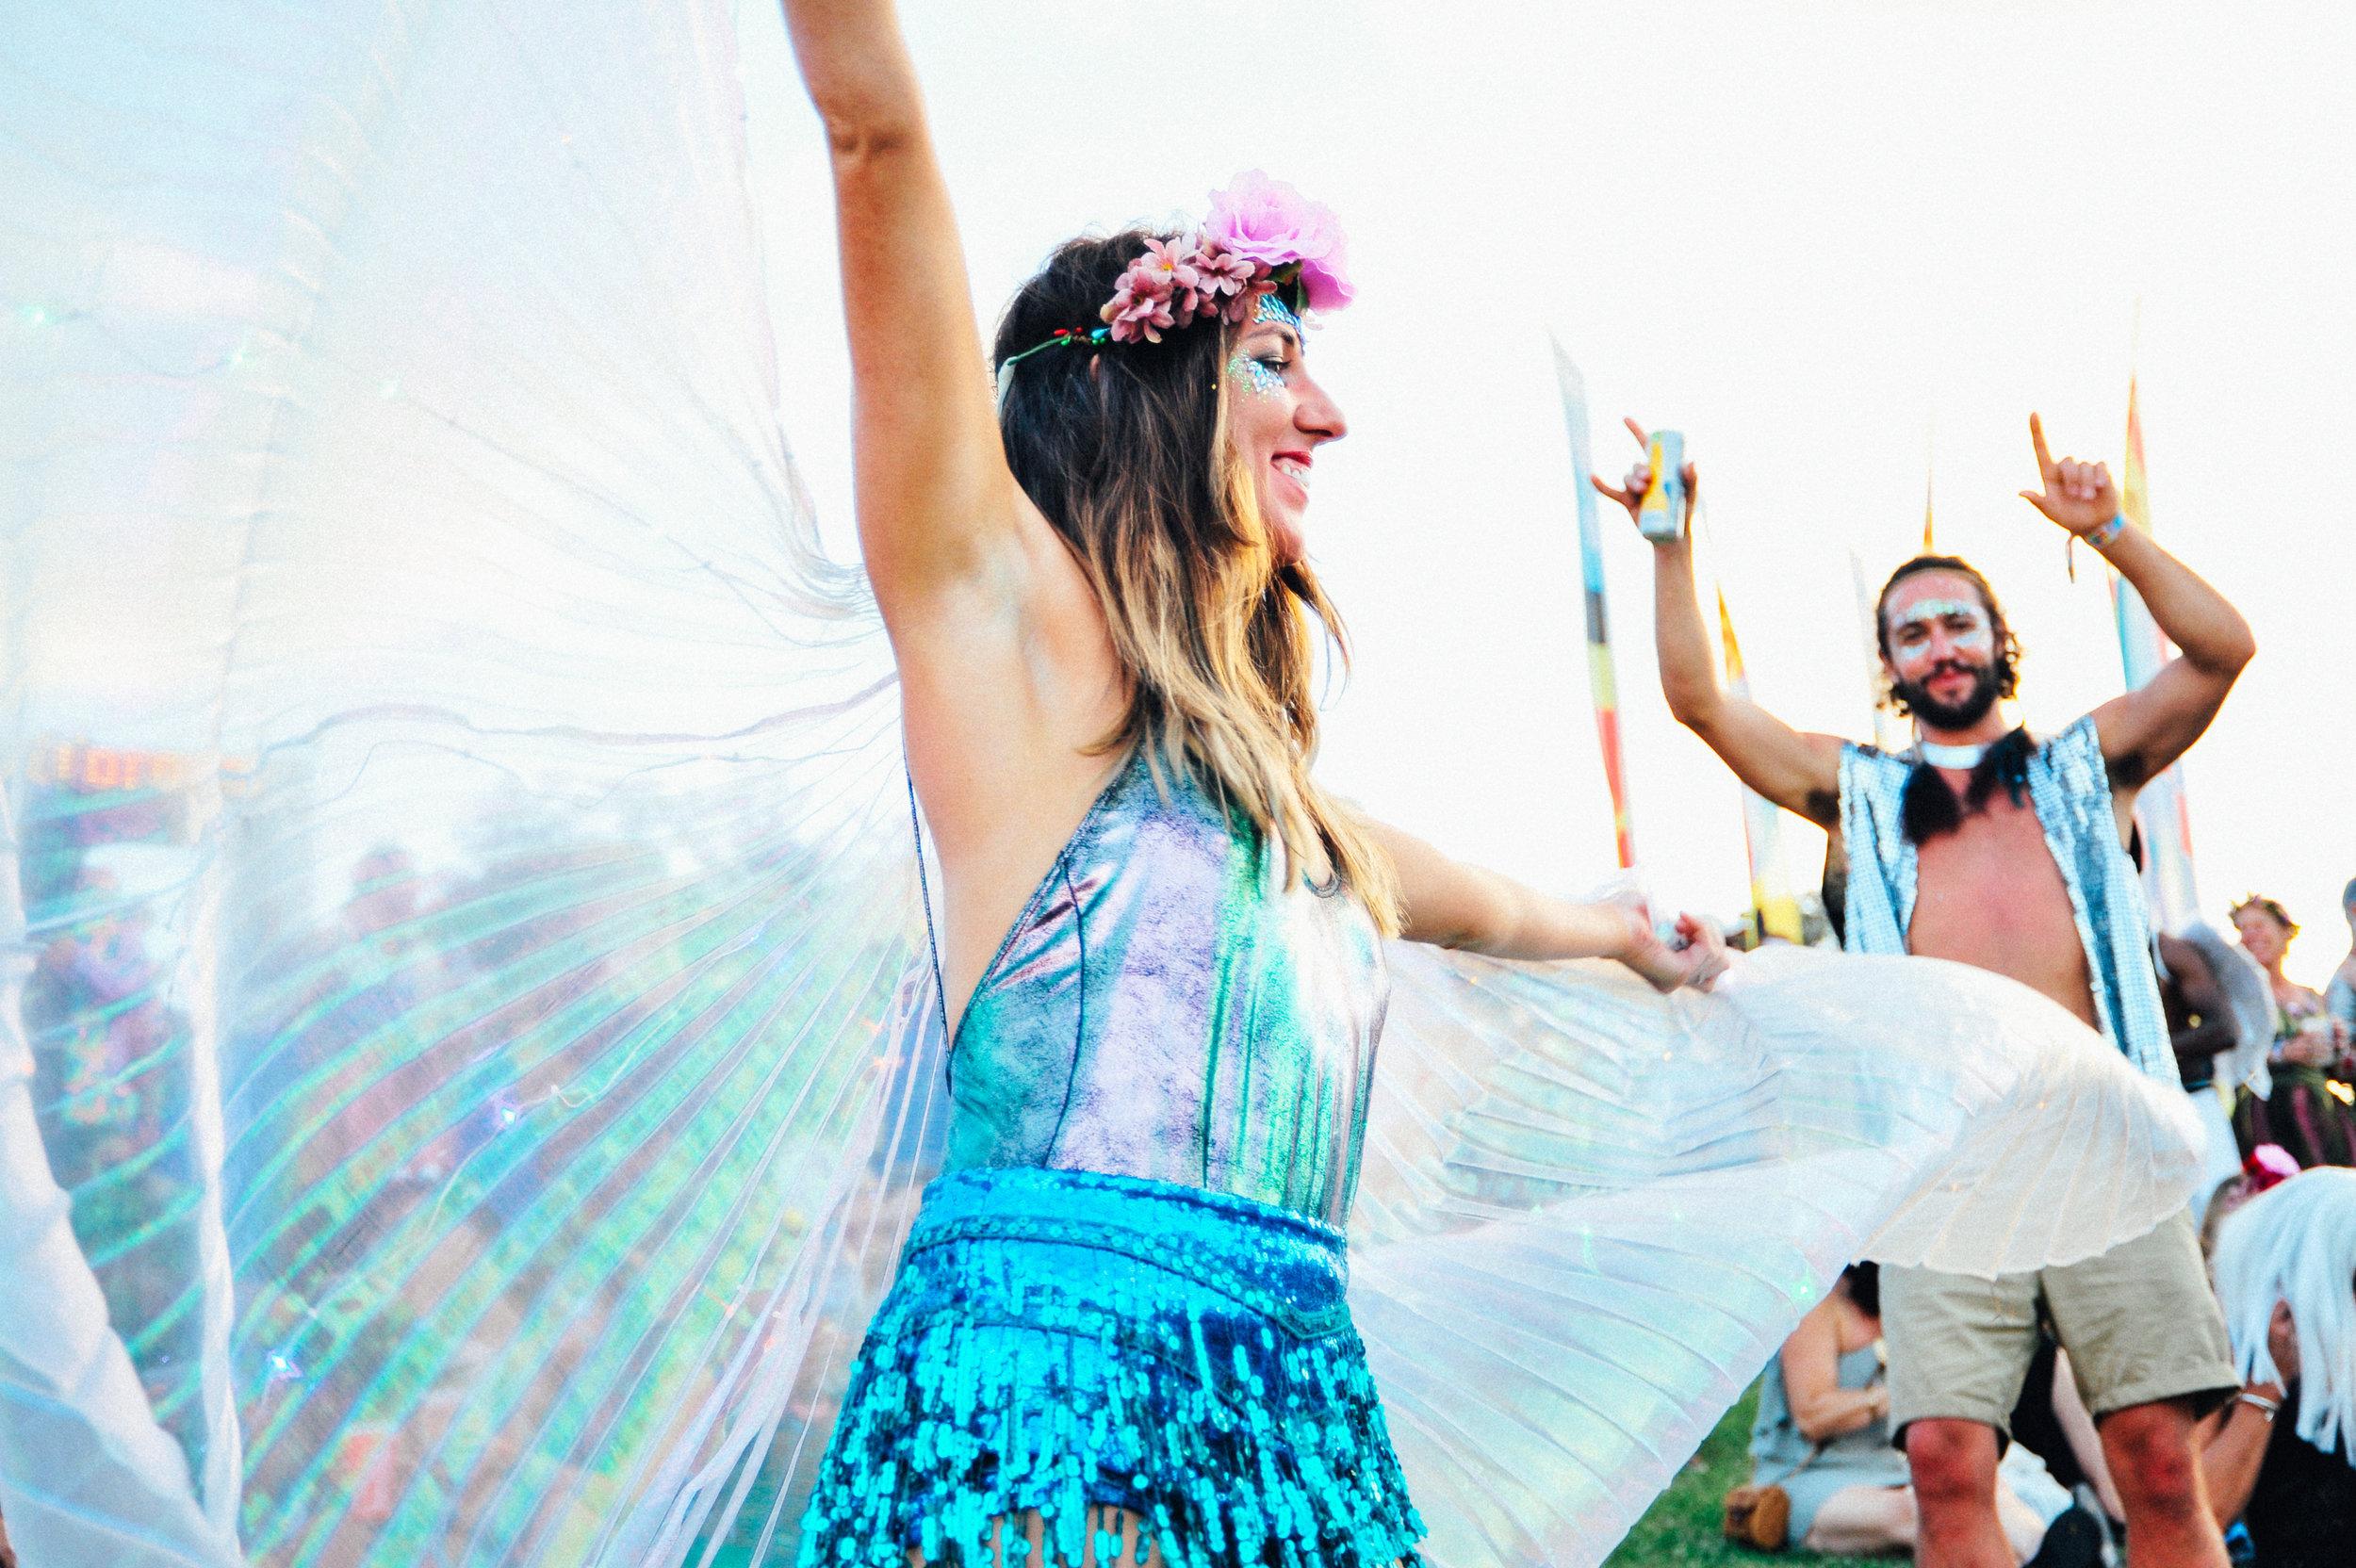 Festival Costume - Ocean Patrice